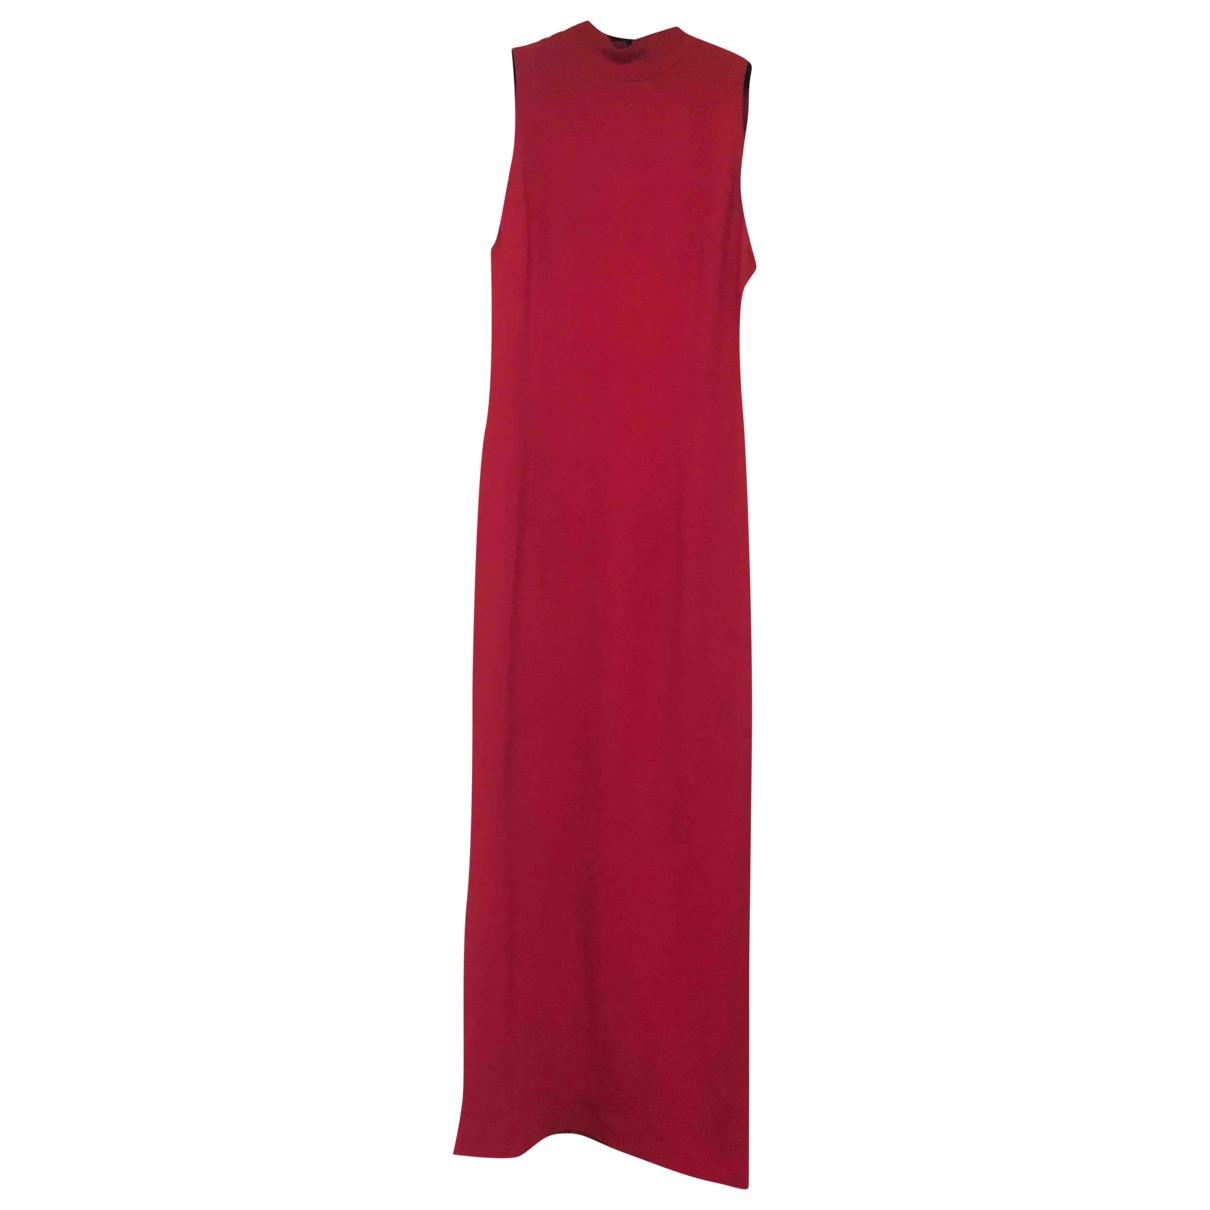 Miu Miu \N Red dress for Women 40 IT